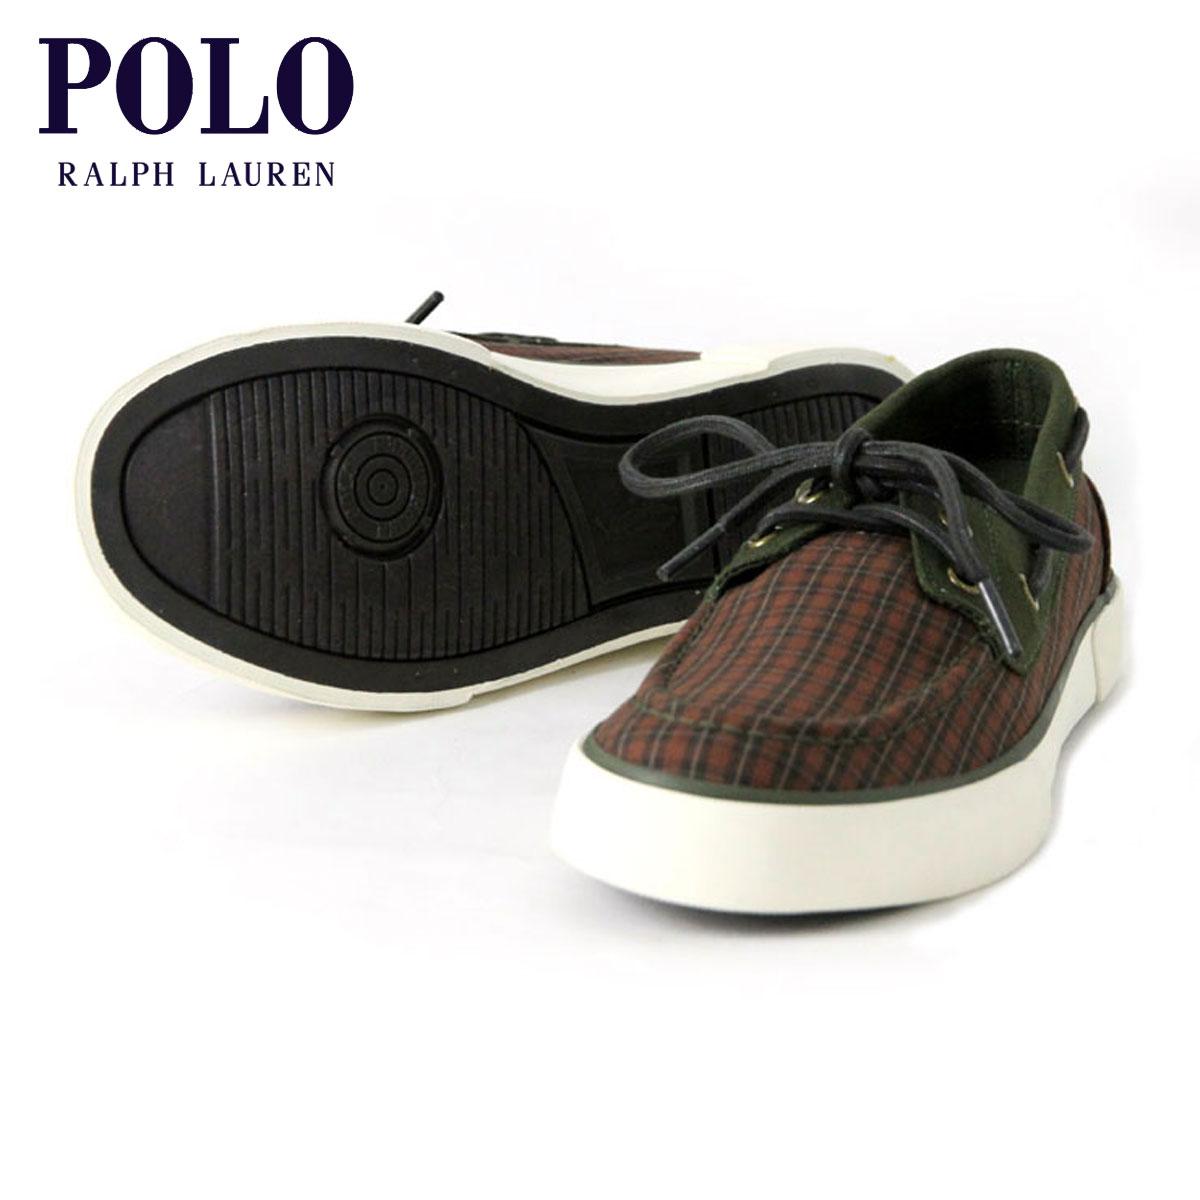 【販売期間 2/18 10:00〜2/20 09:59】 ポロ ラルフローレン POLO RALPH LAUREN 正規品 メンズ 靴 シューズ LANDER PLAID SNEAKER D20S30